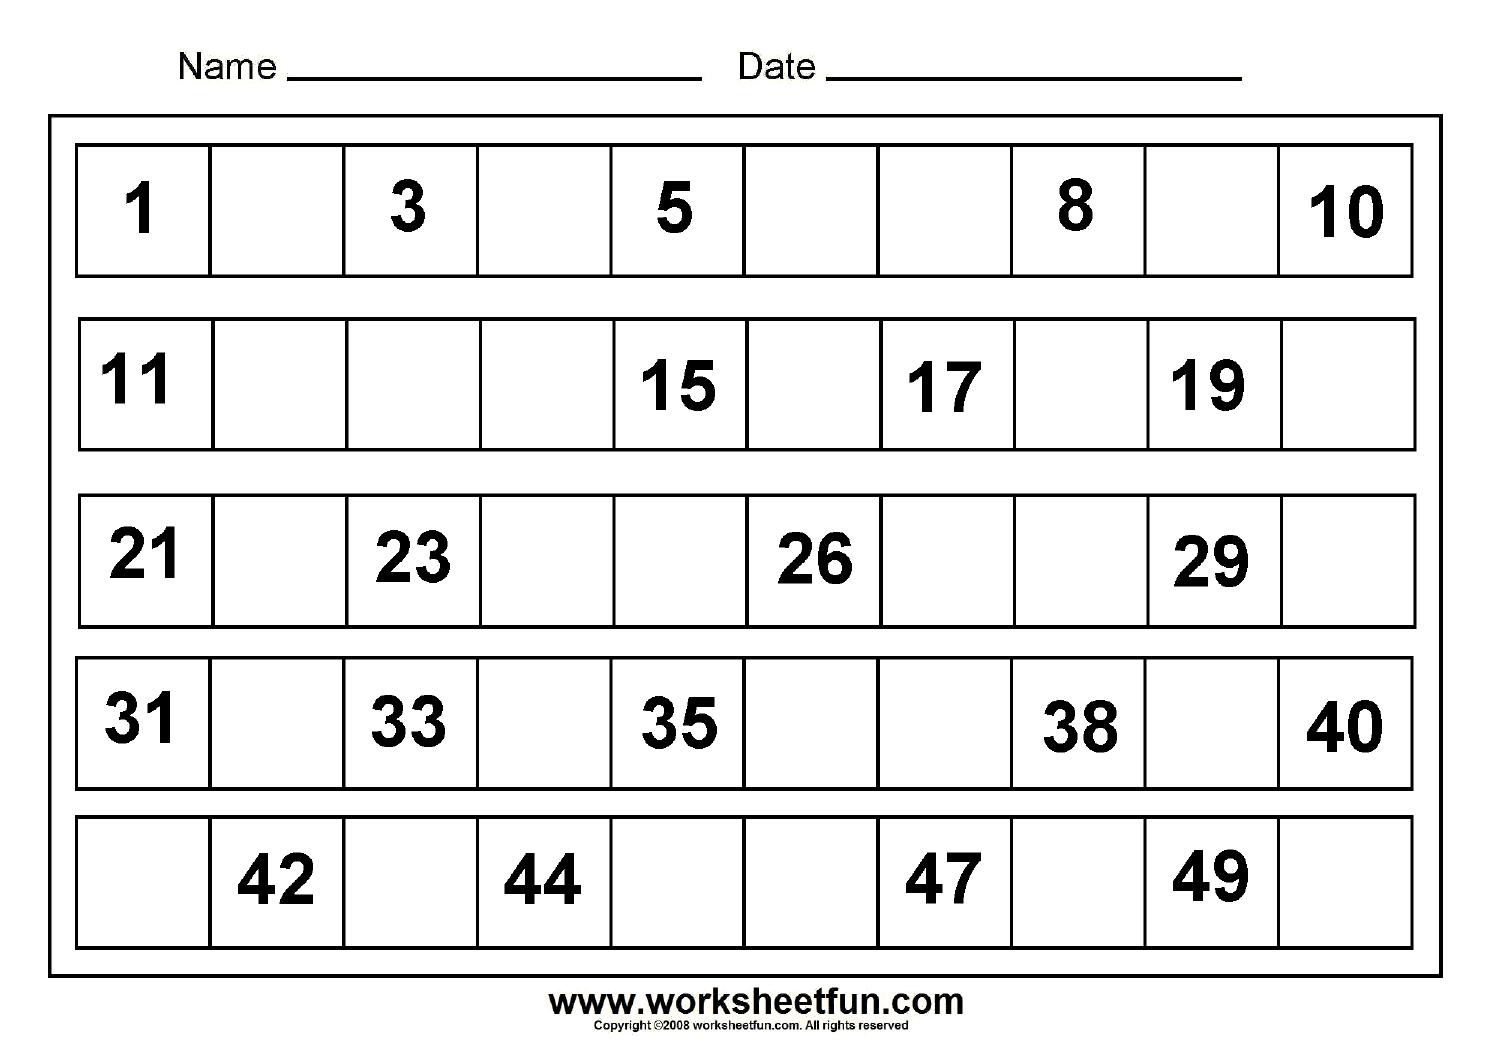 Worksheet  Fill In The Missing Number  Debnamcareyweb Worksheets